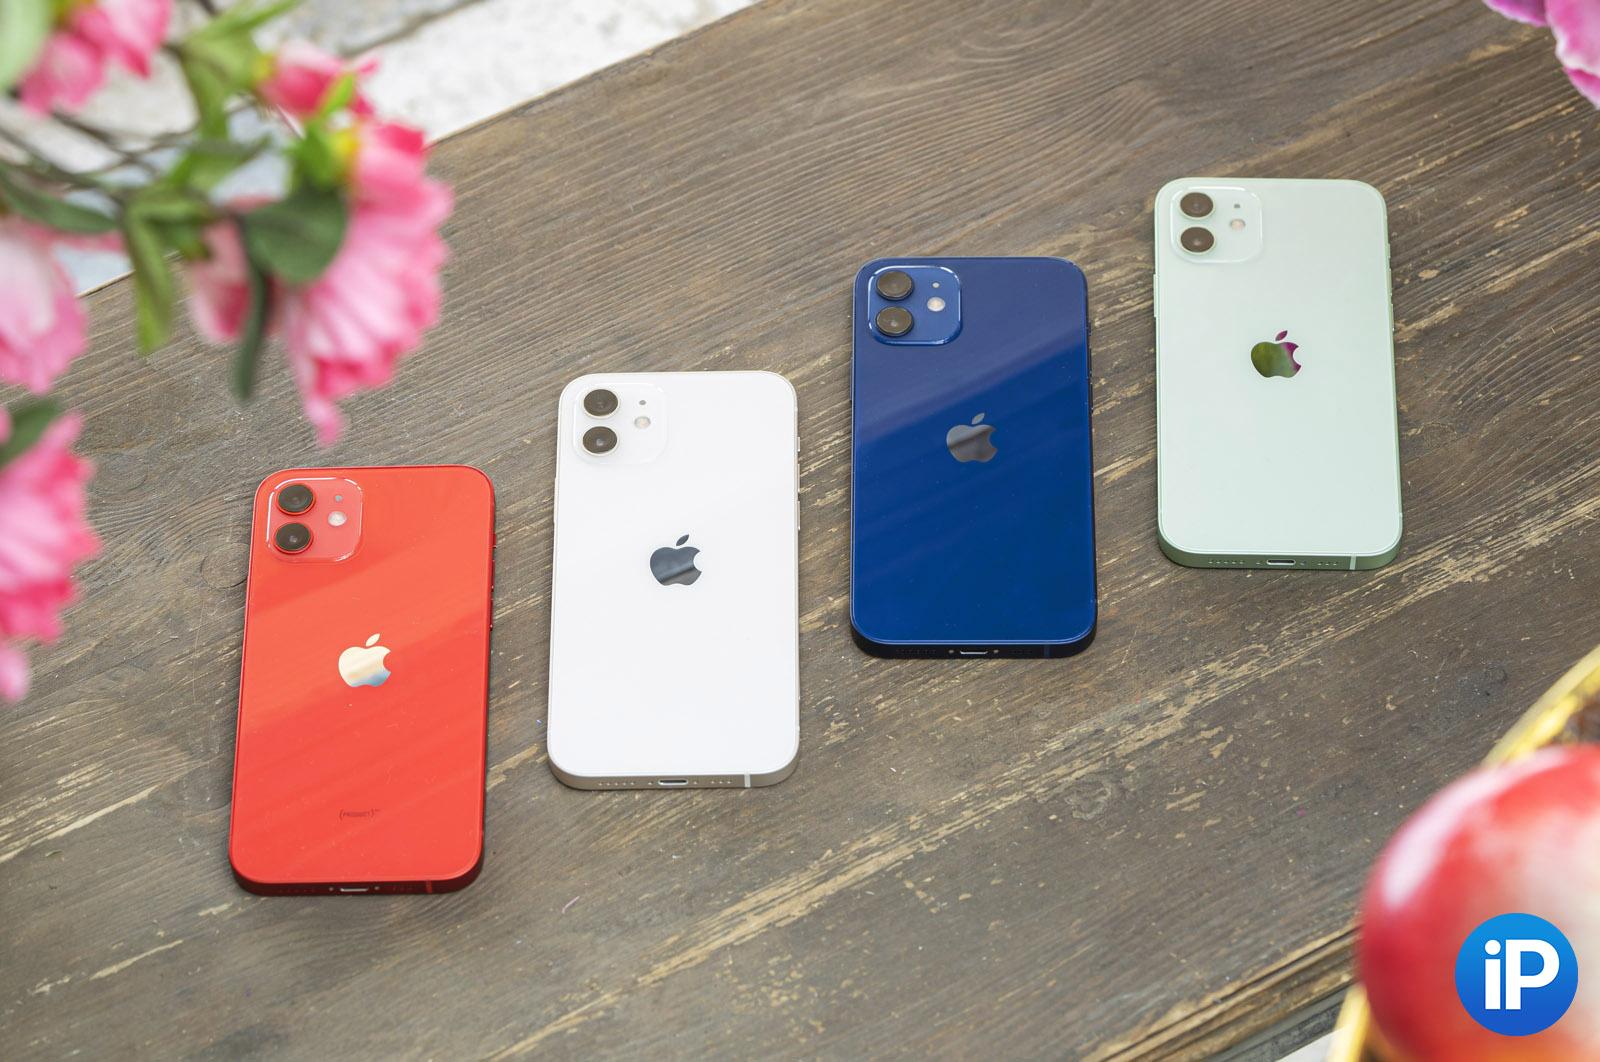 МегаФон дарит целый год безлимитного интернета при покупке всех моделей iPhone 12